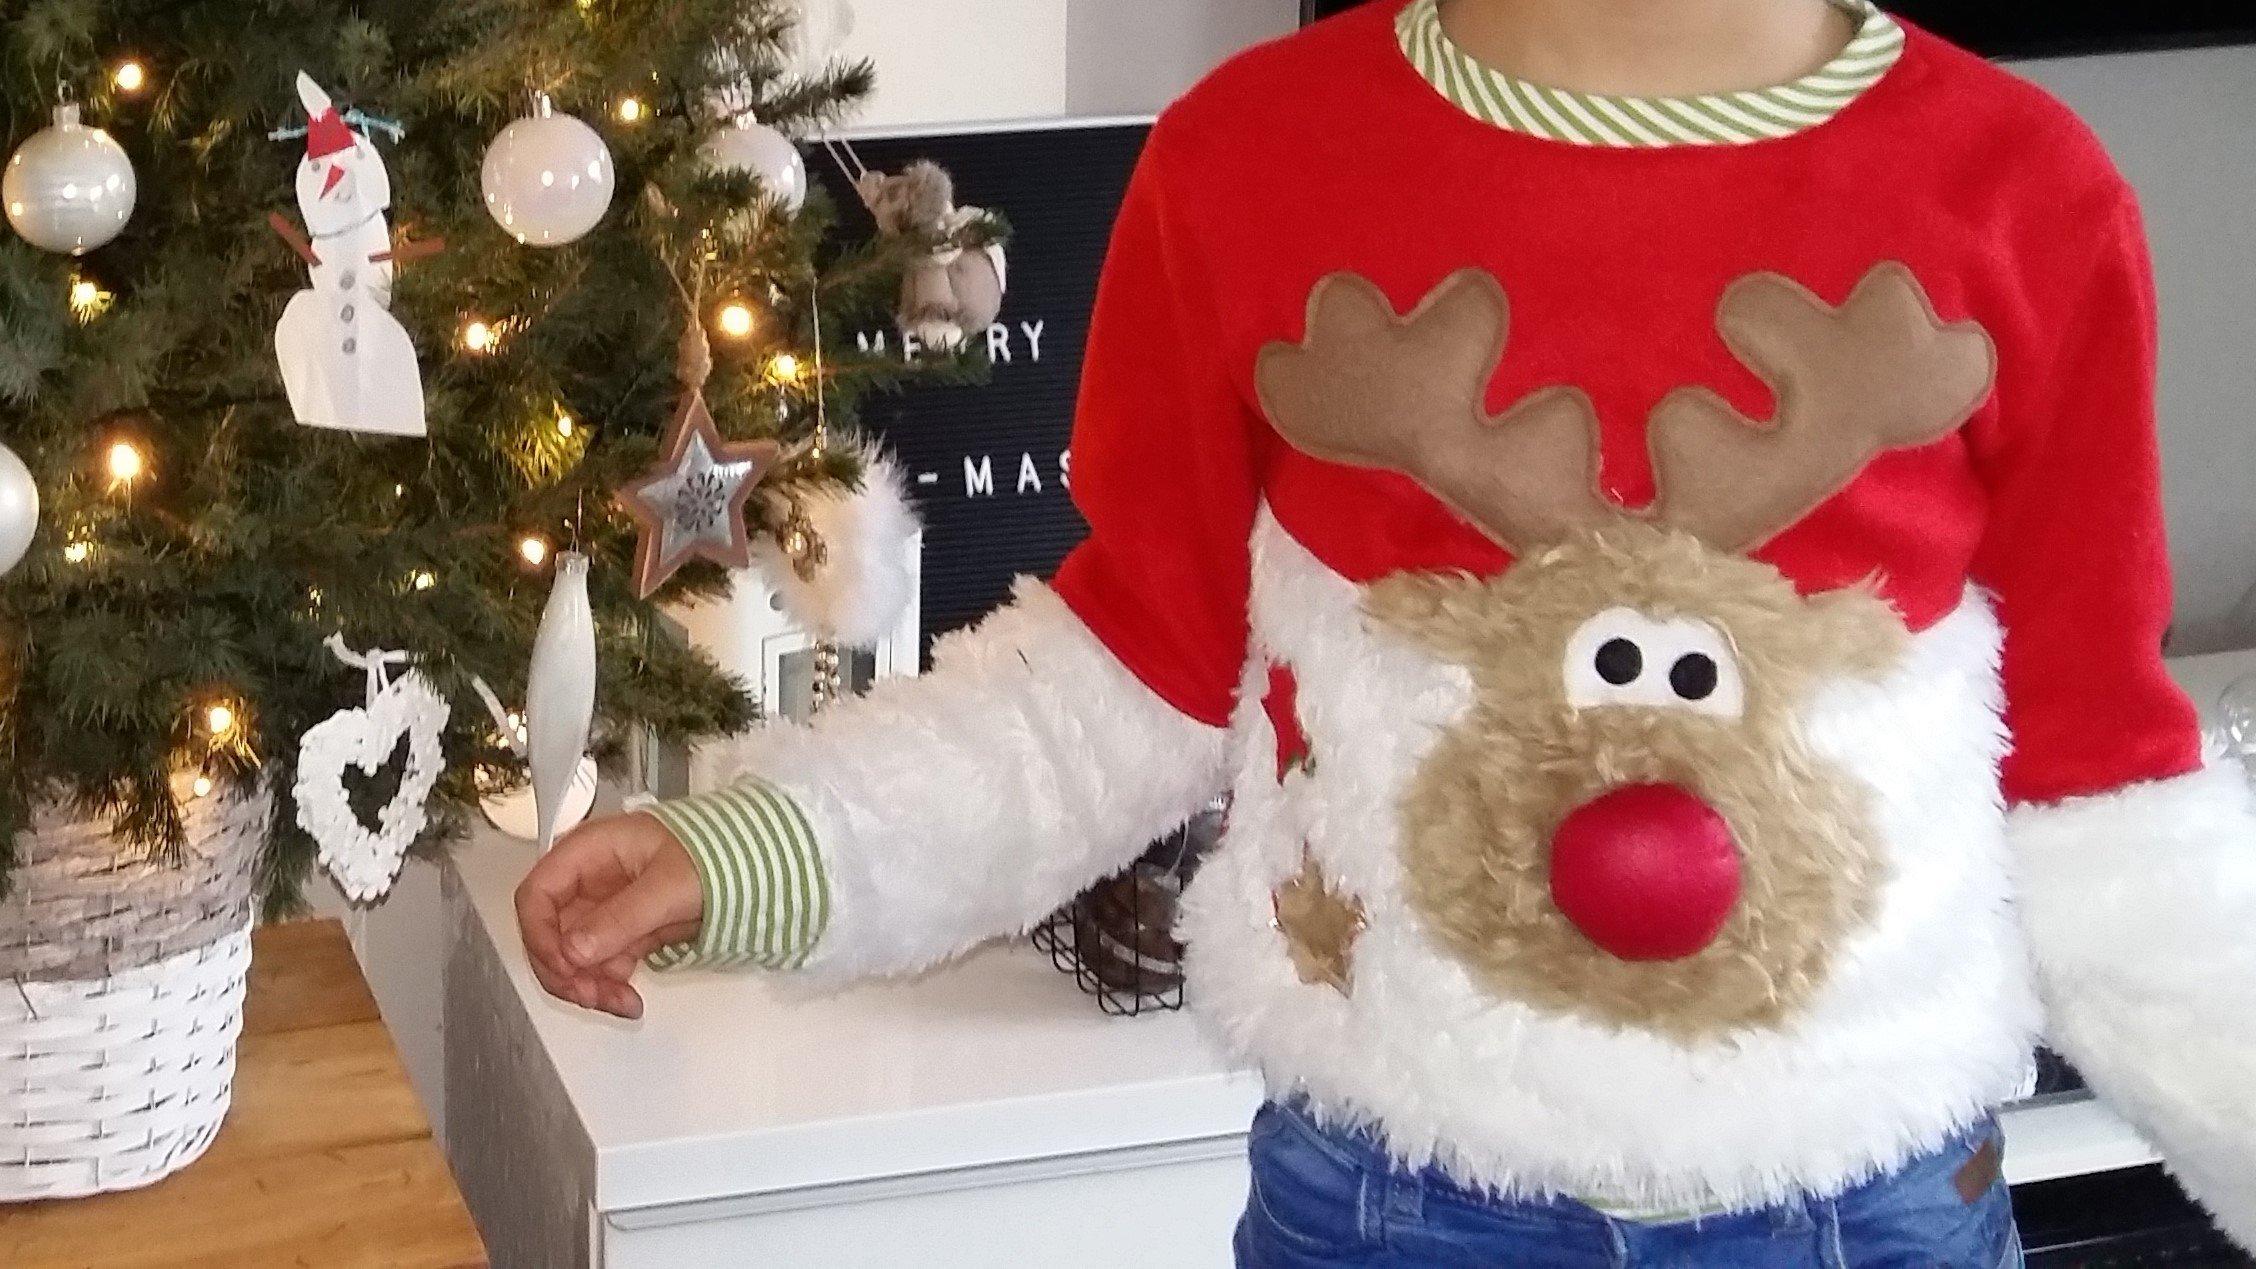 Kersttrui Fout.Last Minute Foute Kersttrui Bernina Blog